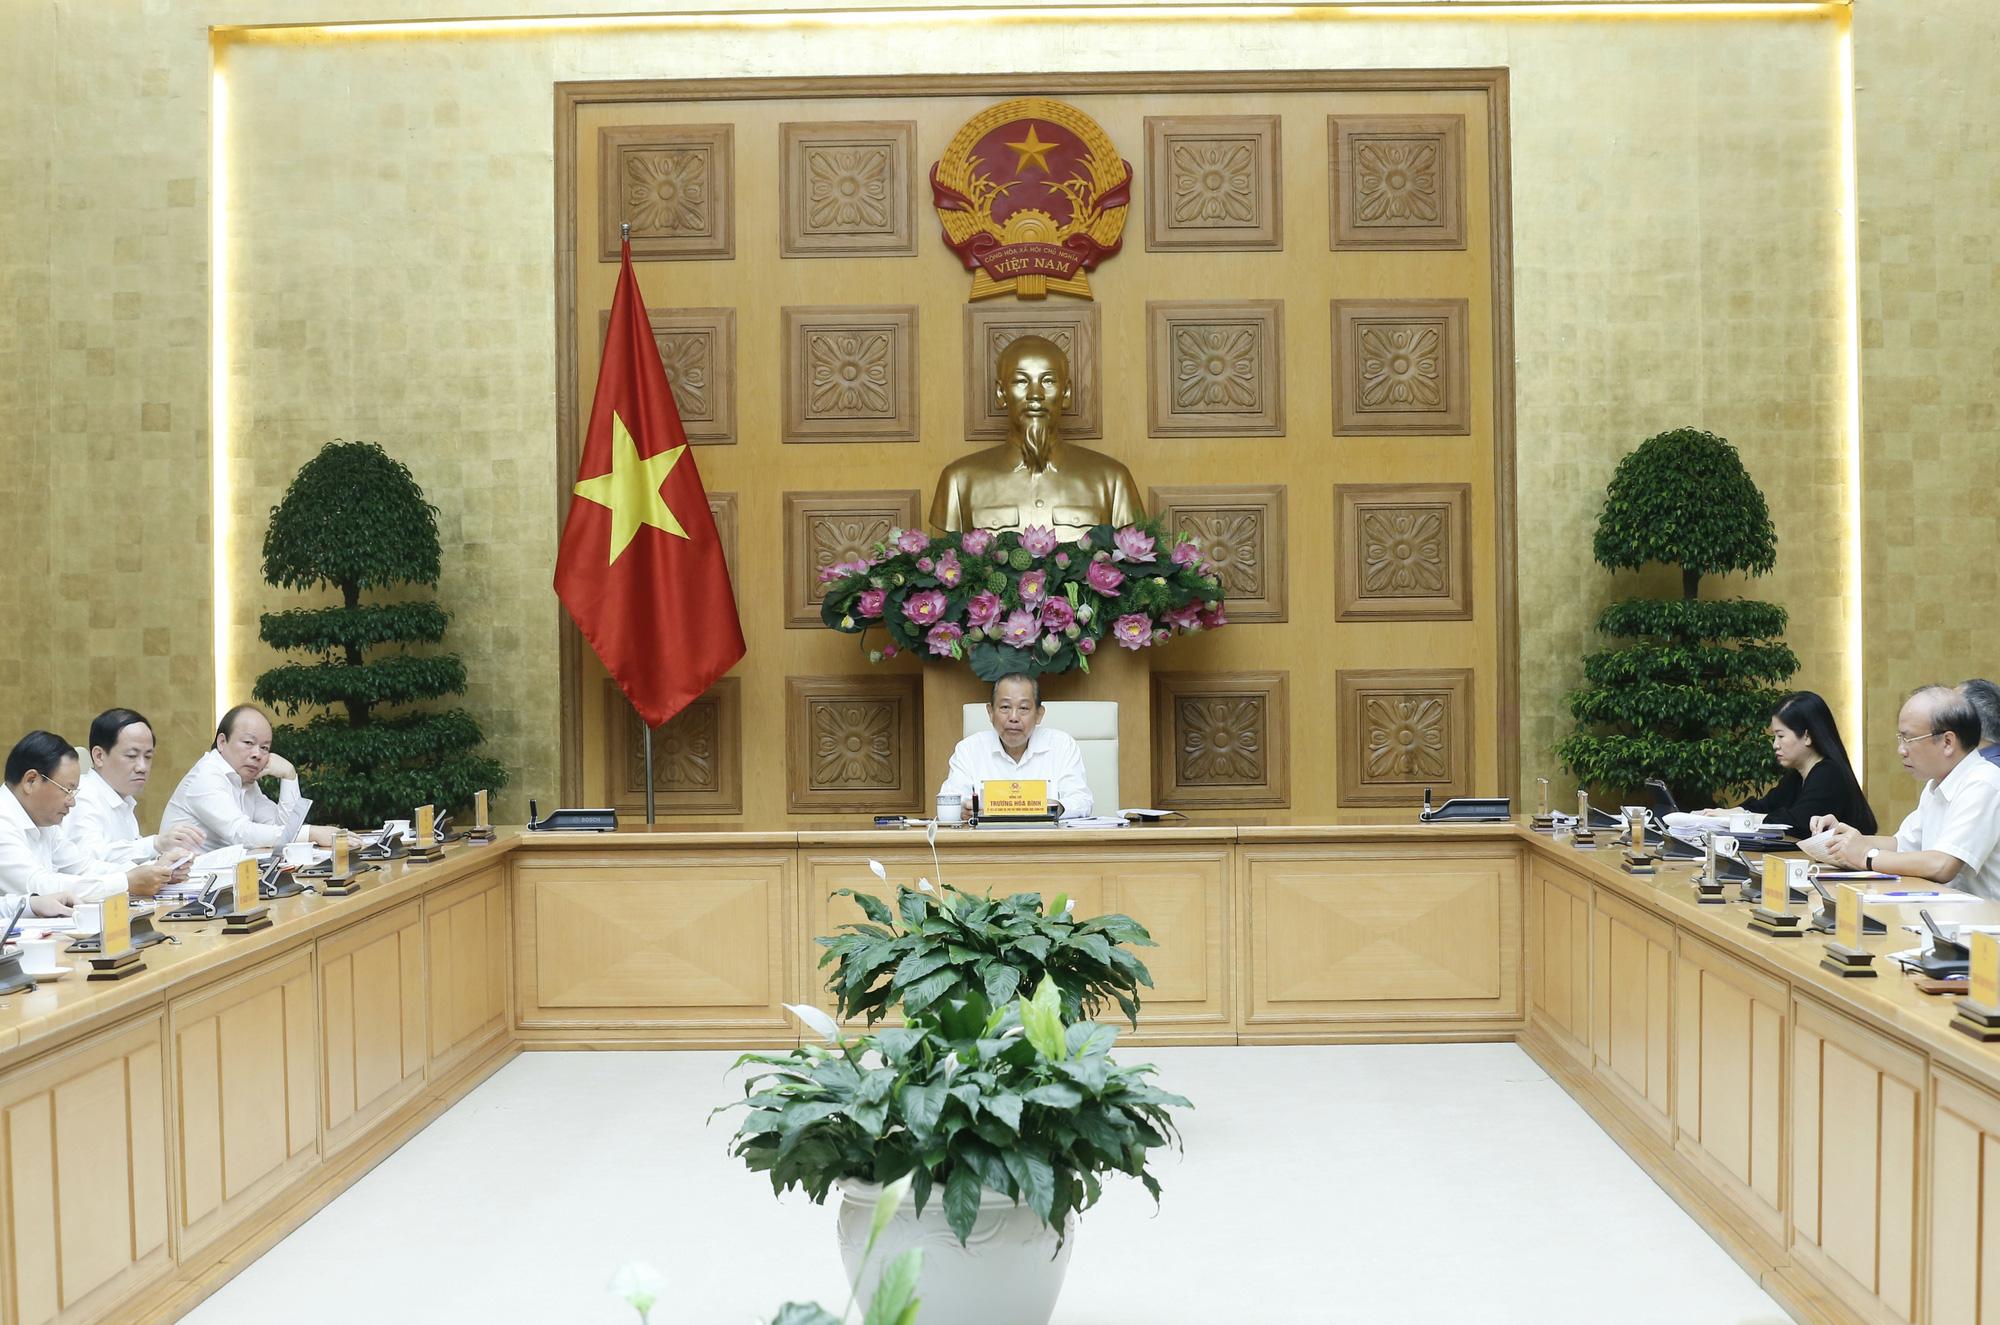 Phó Thủ tướng Trương Hòa Bình chủ trì họp sửa đổi 3 nghị định về cổ phần hóa, thoái vốn Nhà nước - Ảnh 2.